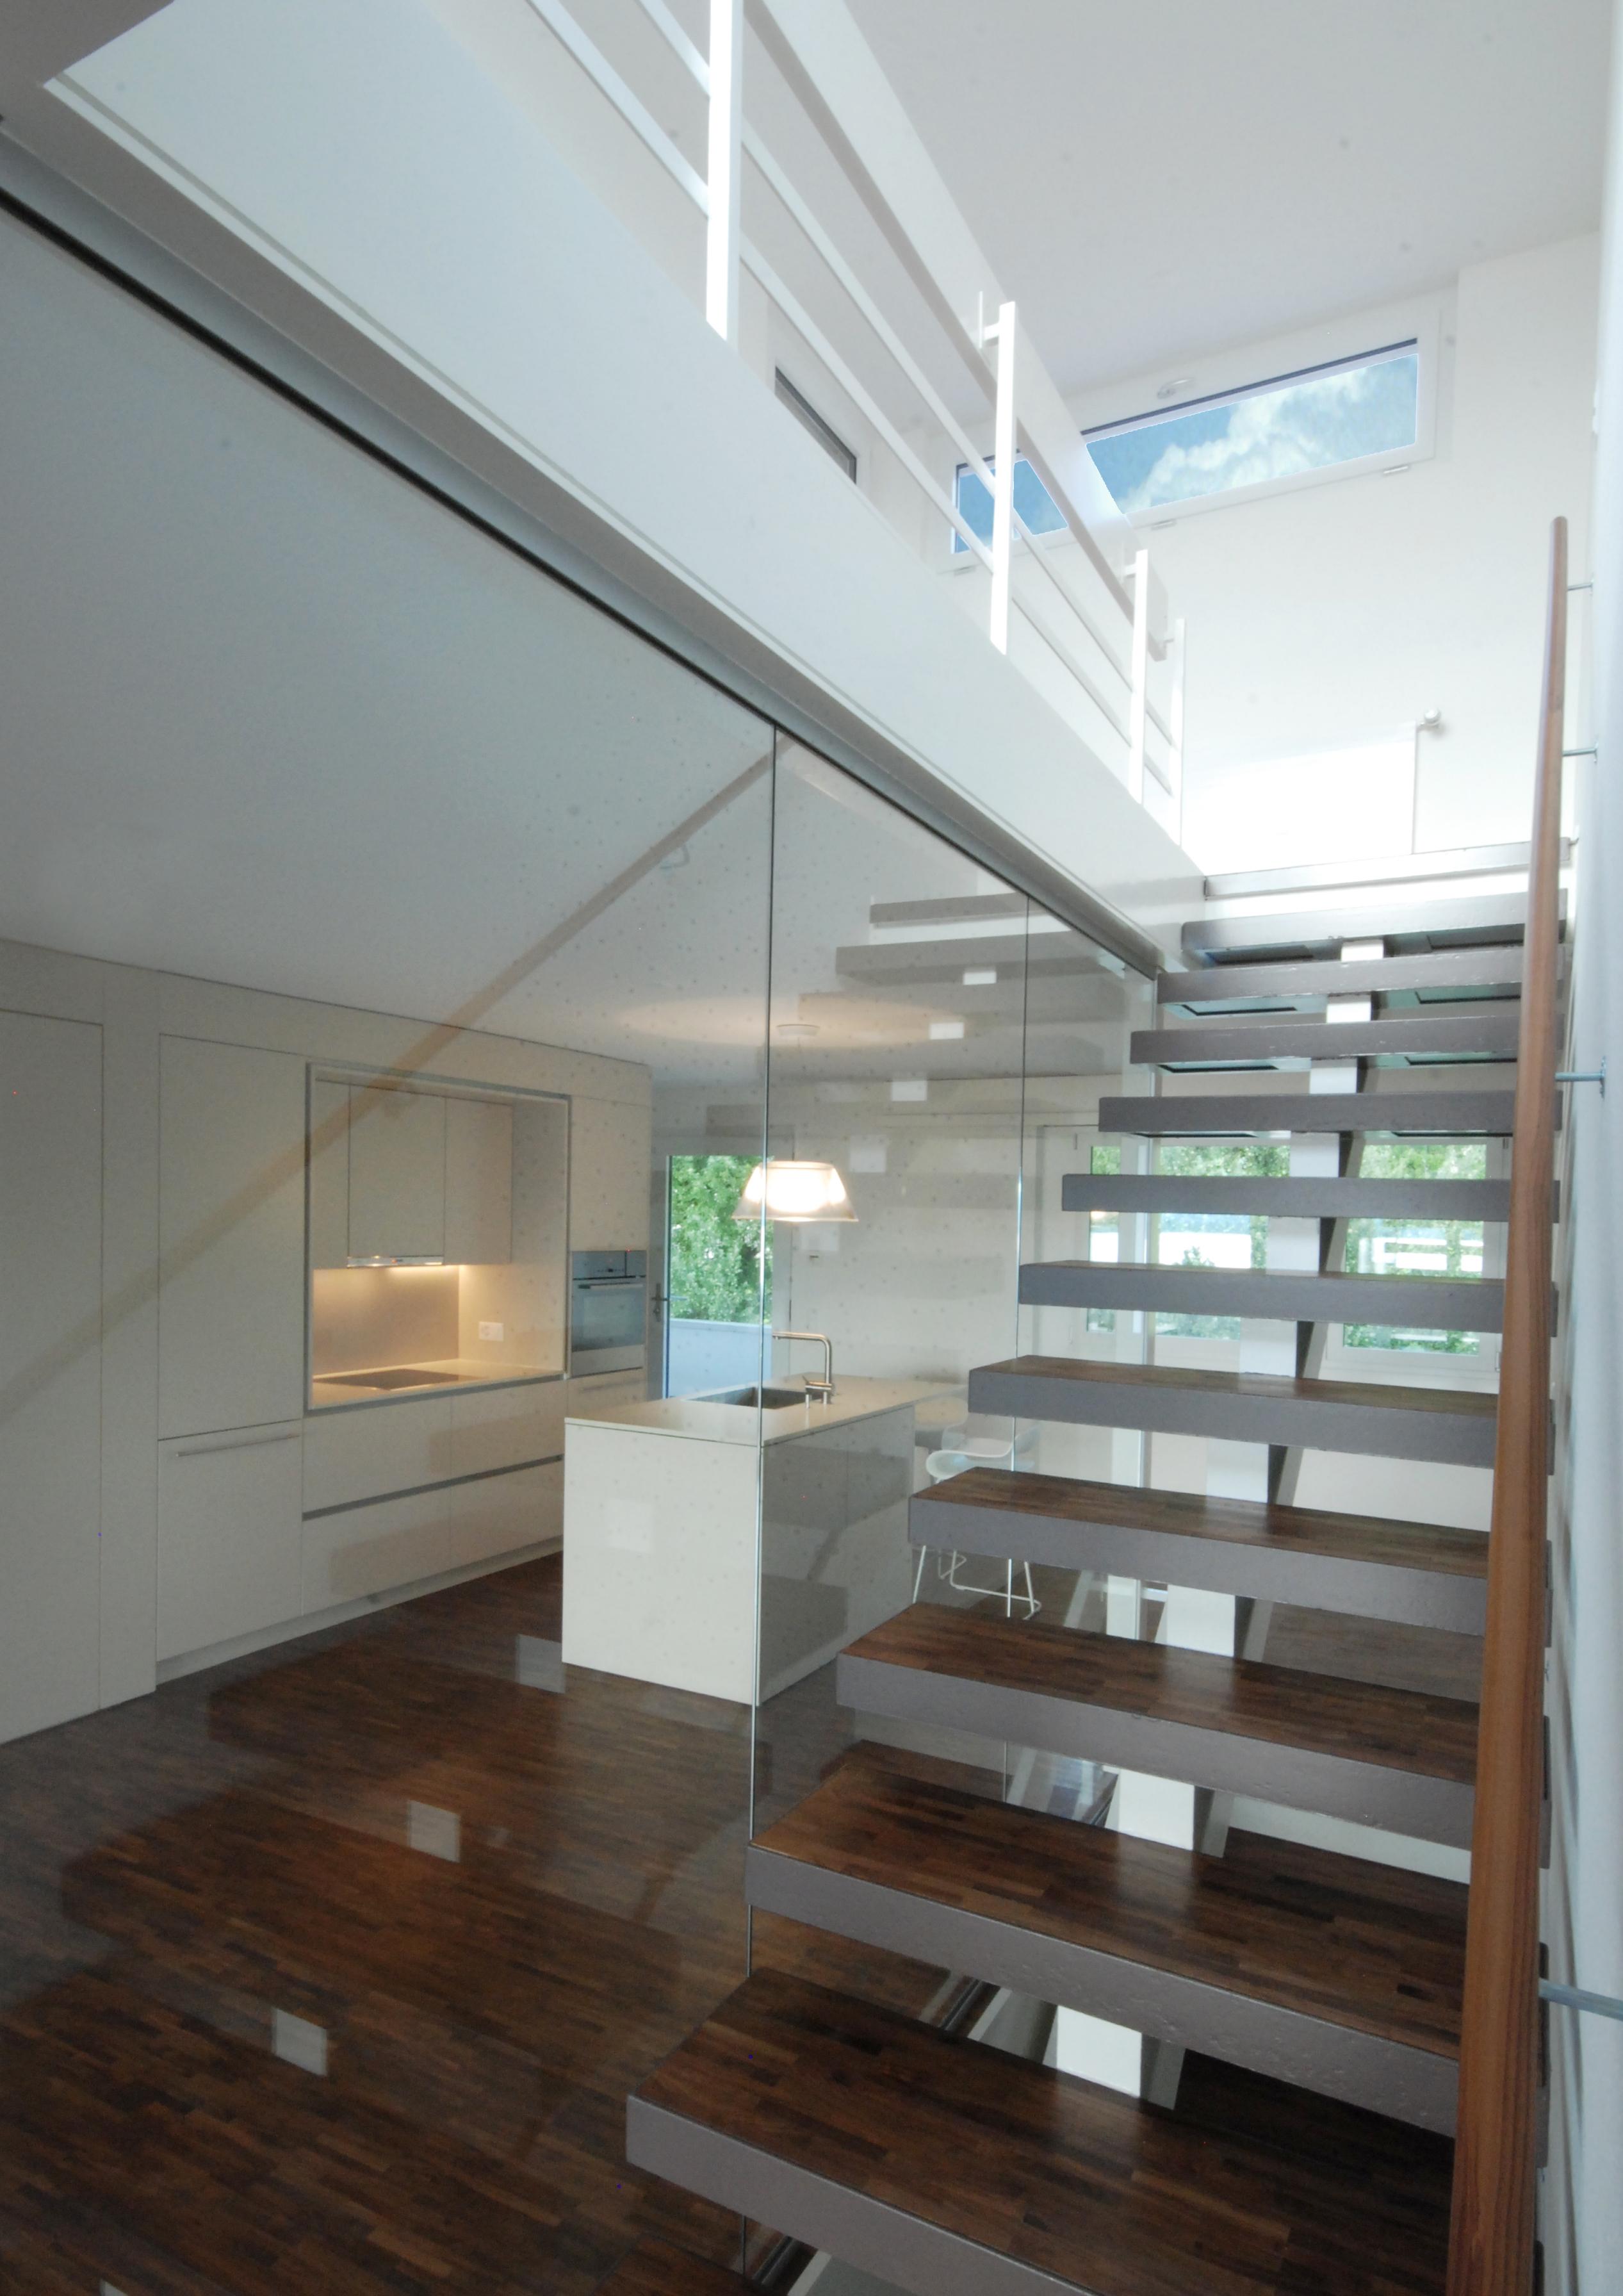 maisonettewohnung, oberwil bei zug - innenarchitektur leitgedanke, Innenarchitektur ideen